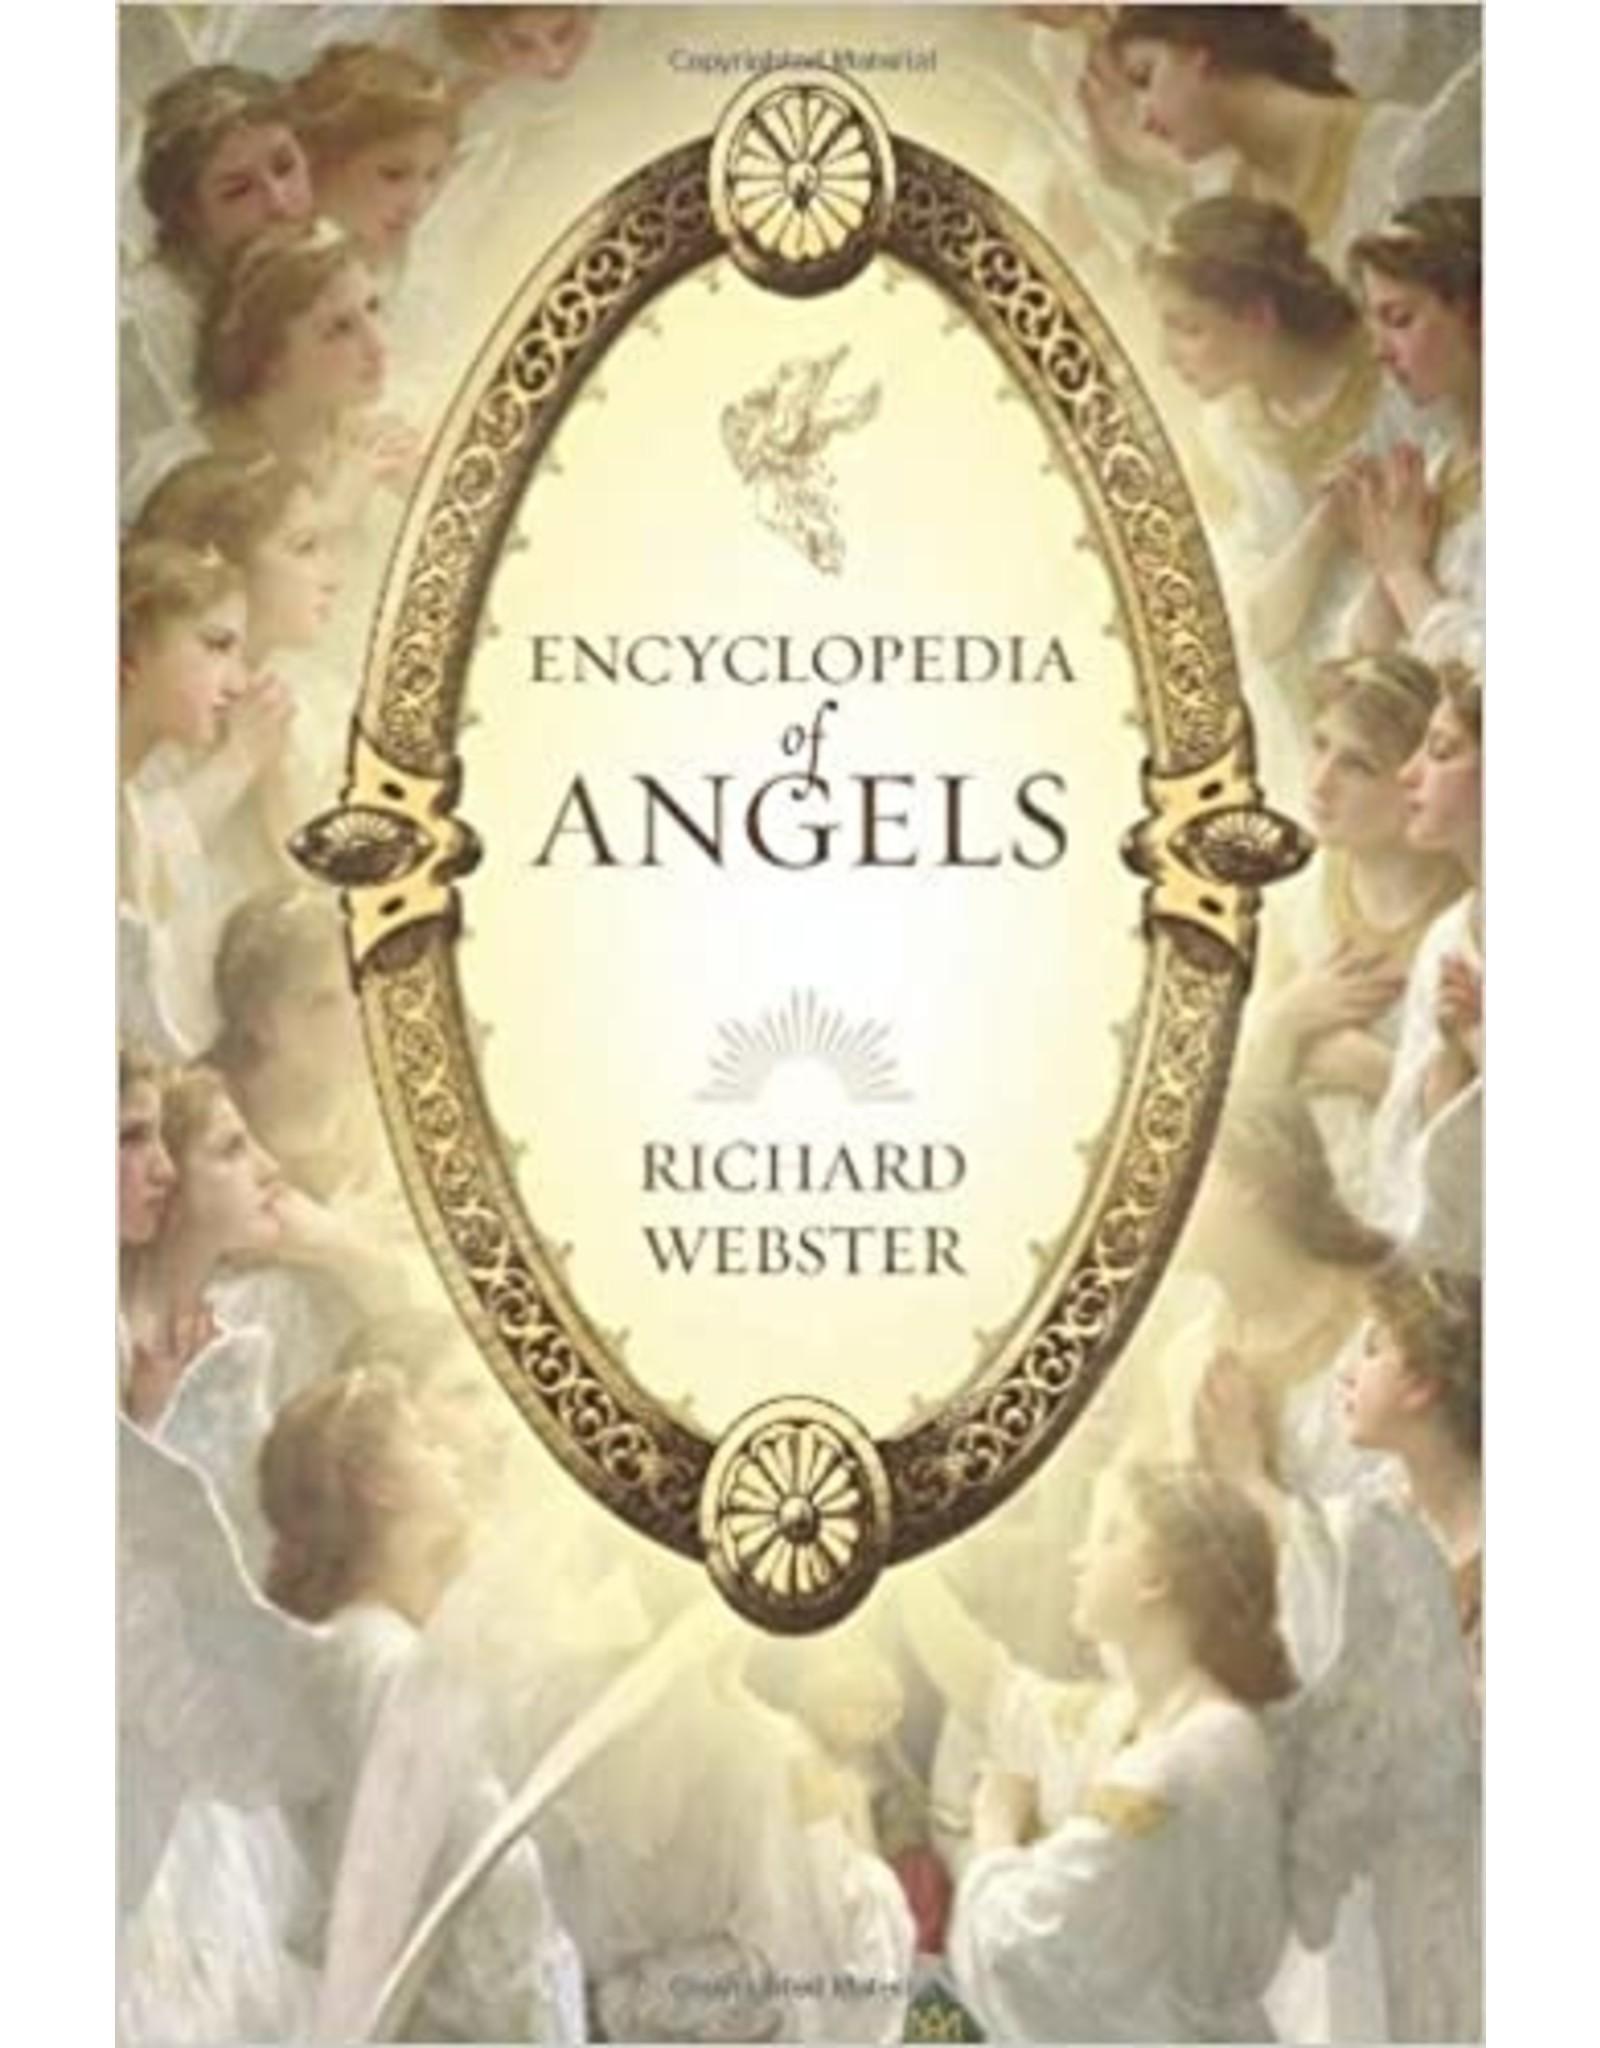 Encyclopedia of Angels - Richard Webster